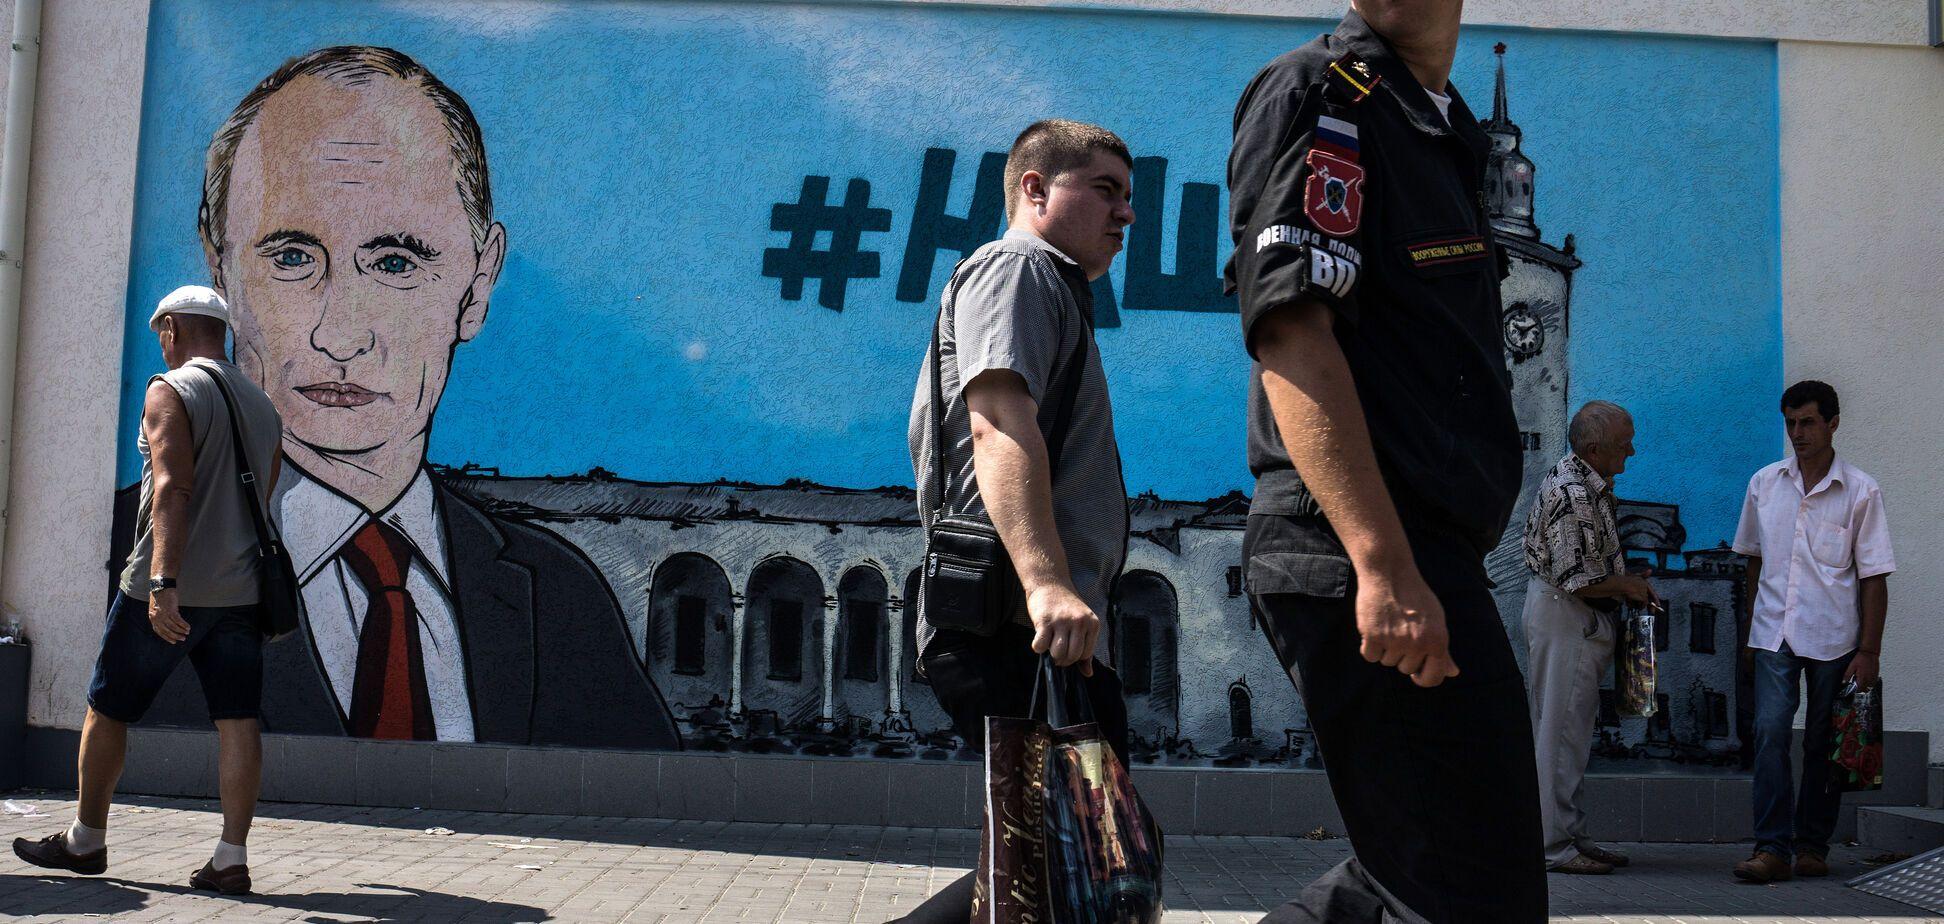 Санкции в действии: в Крыму пожаловались на удар по туристам